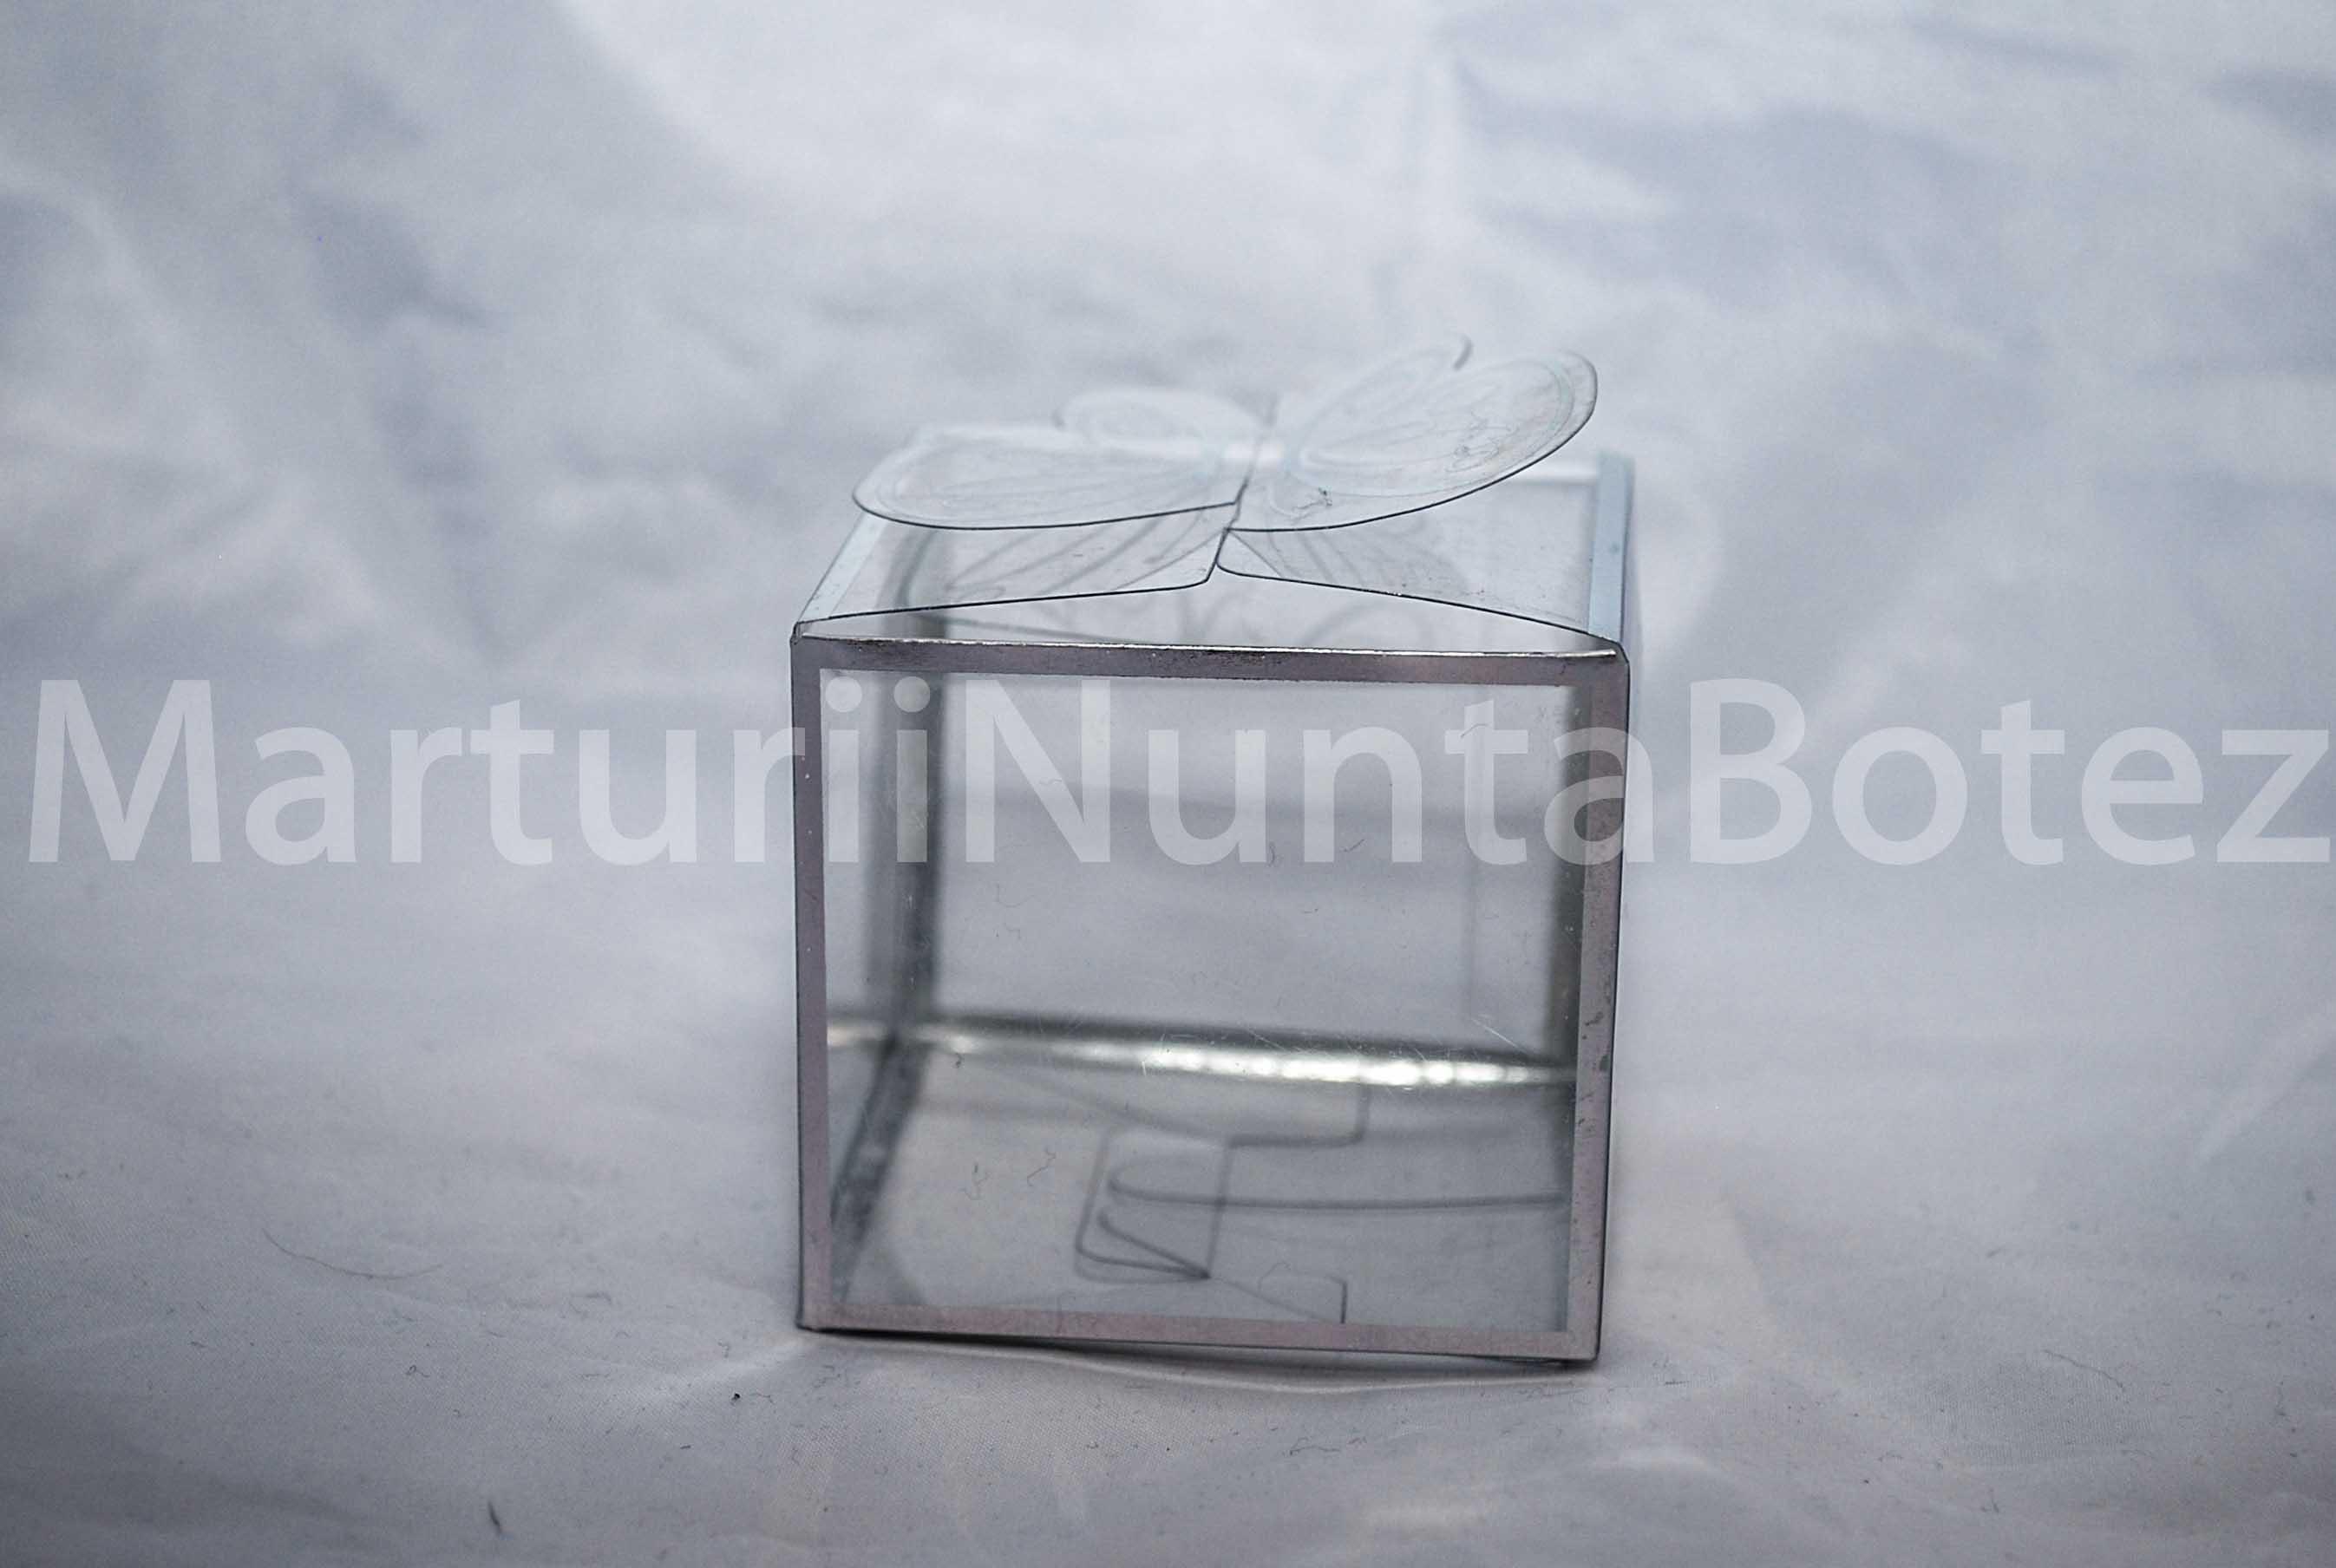 marturie_nunta_sau_botez_cutie_plastic_margini_argintii6